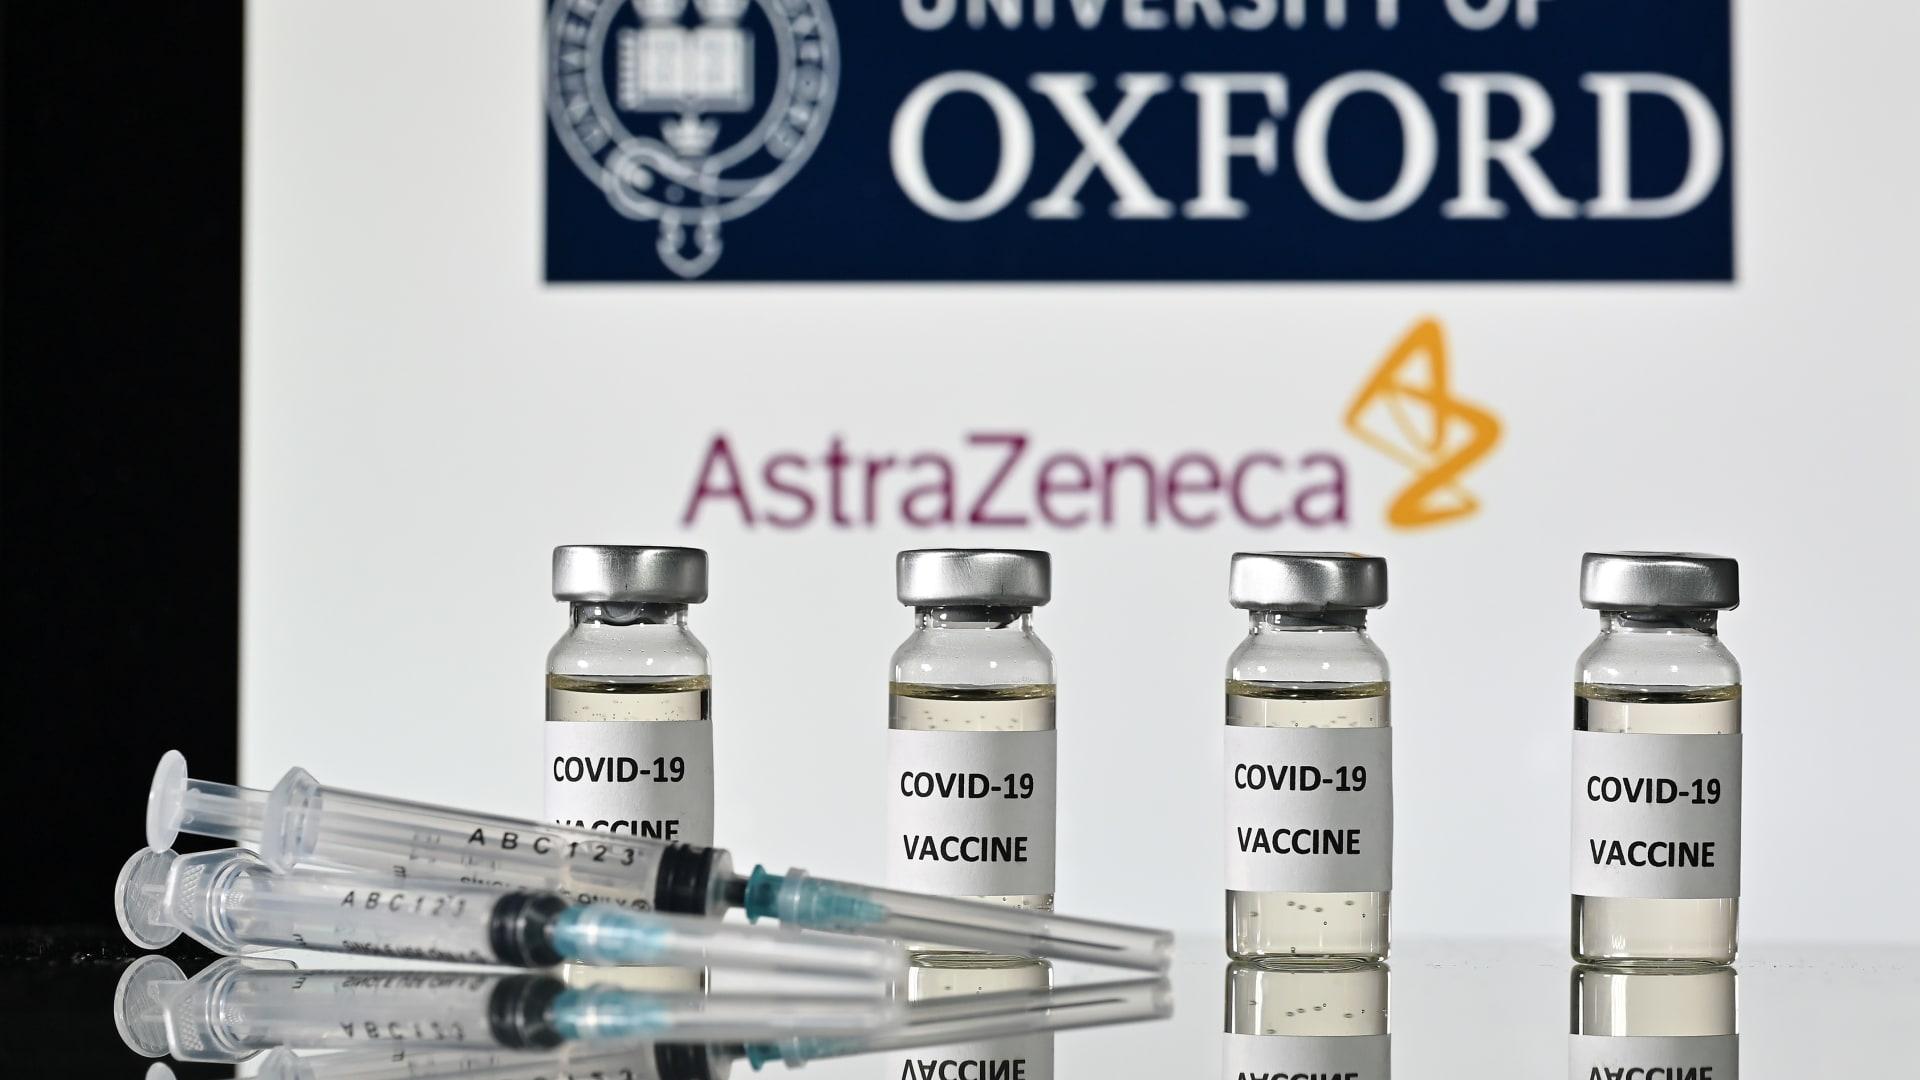 """باحث رئيسي في لقاح """"أسترازينيكا"""" يشرح كيفية رفع نسبة فعالية اللقاح إلى 90٪"""